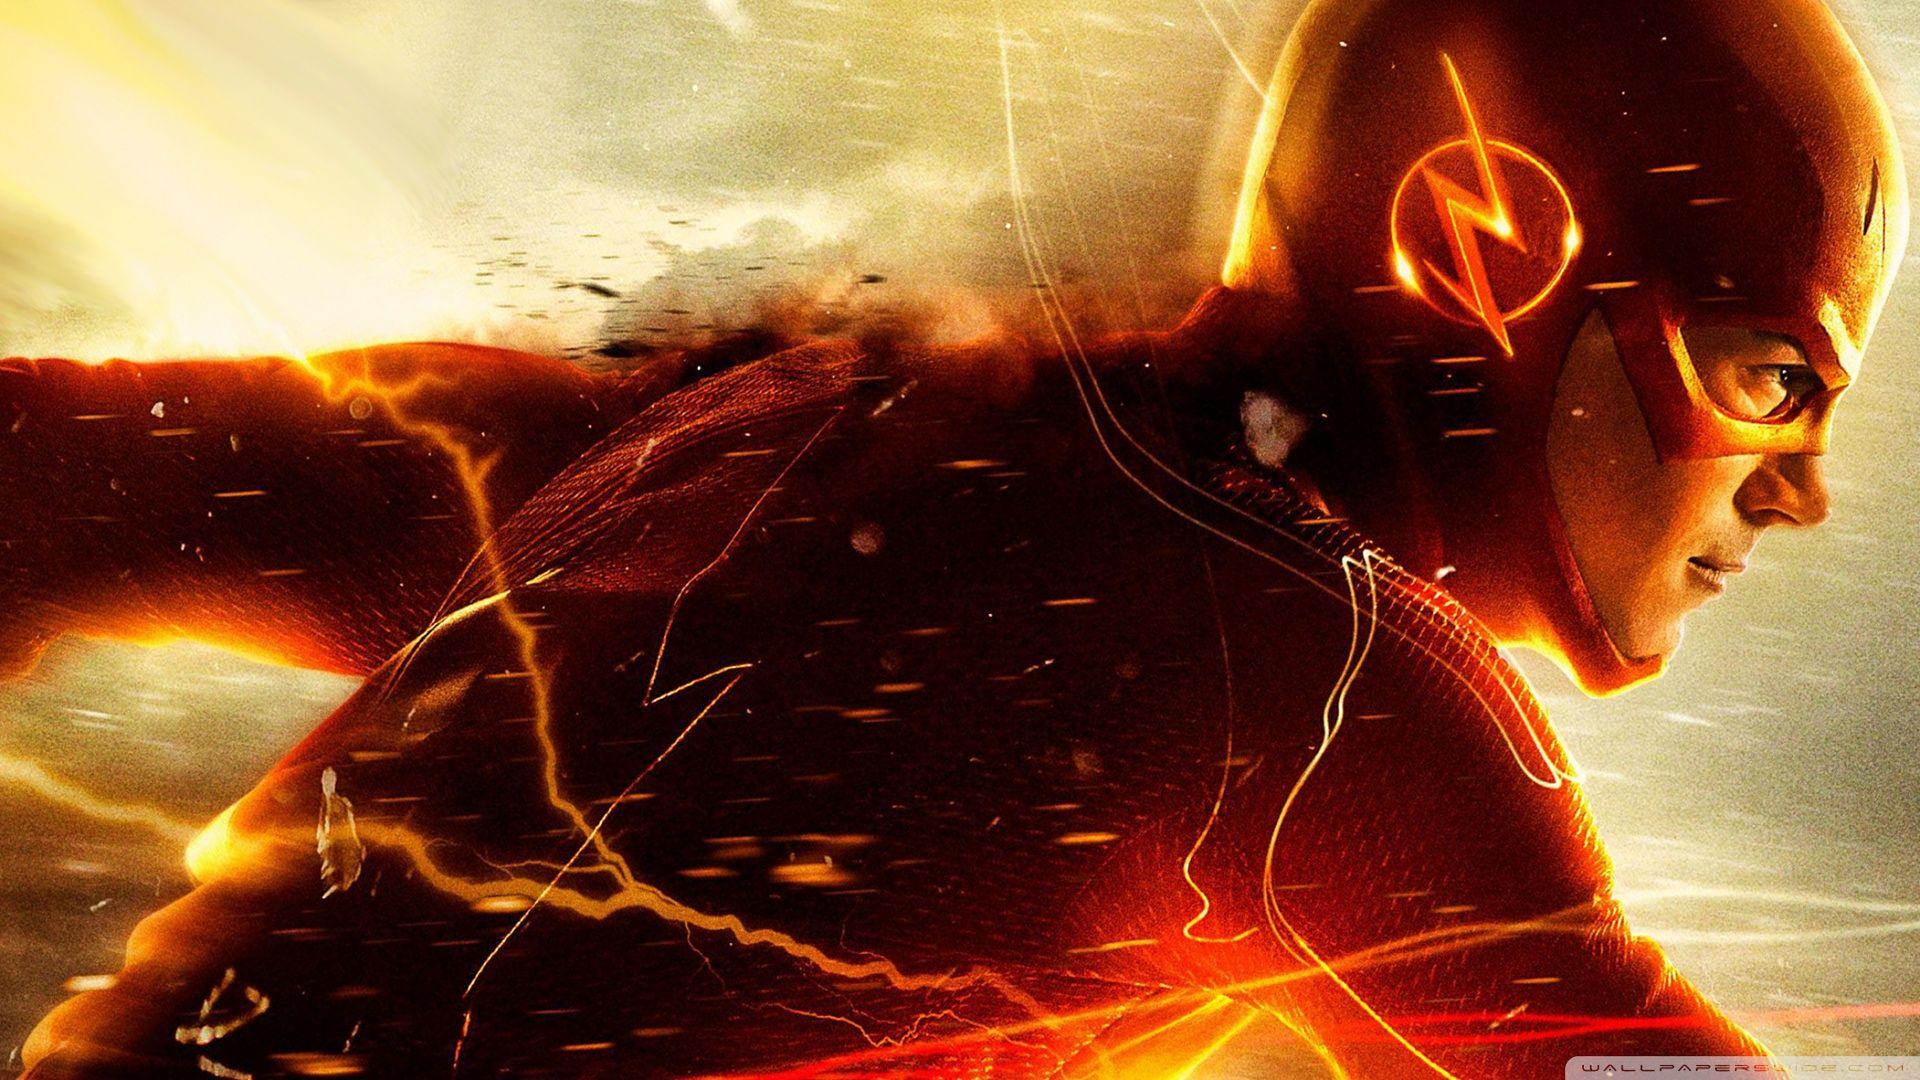 ¿Cuáles serán los poderes de The Flash en la siguiente temporada?